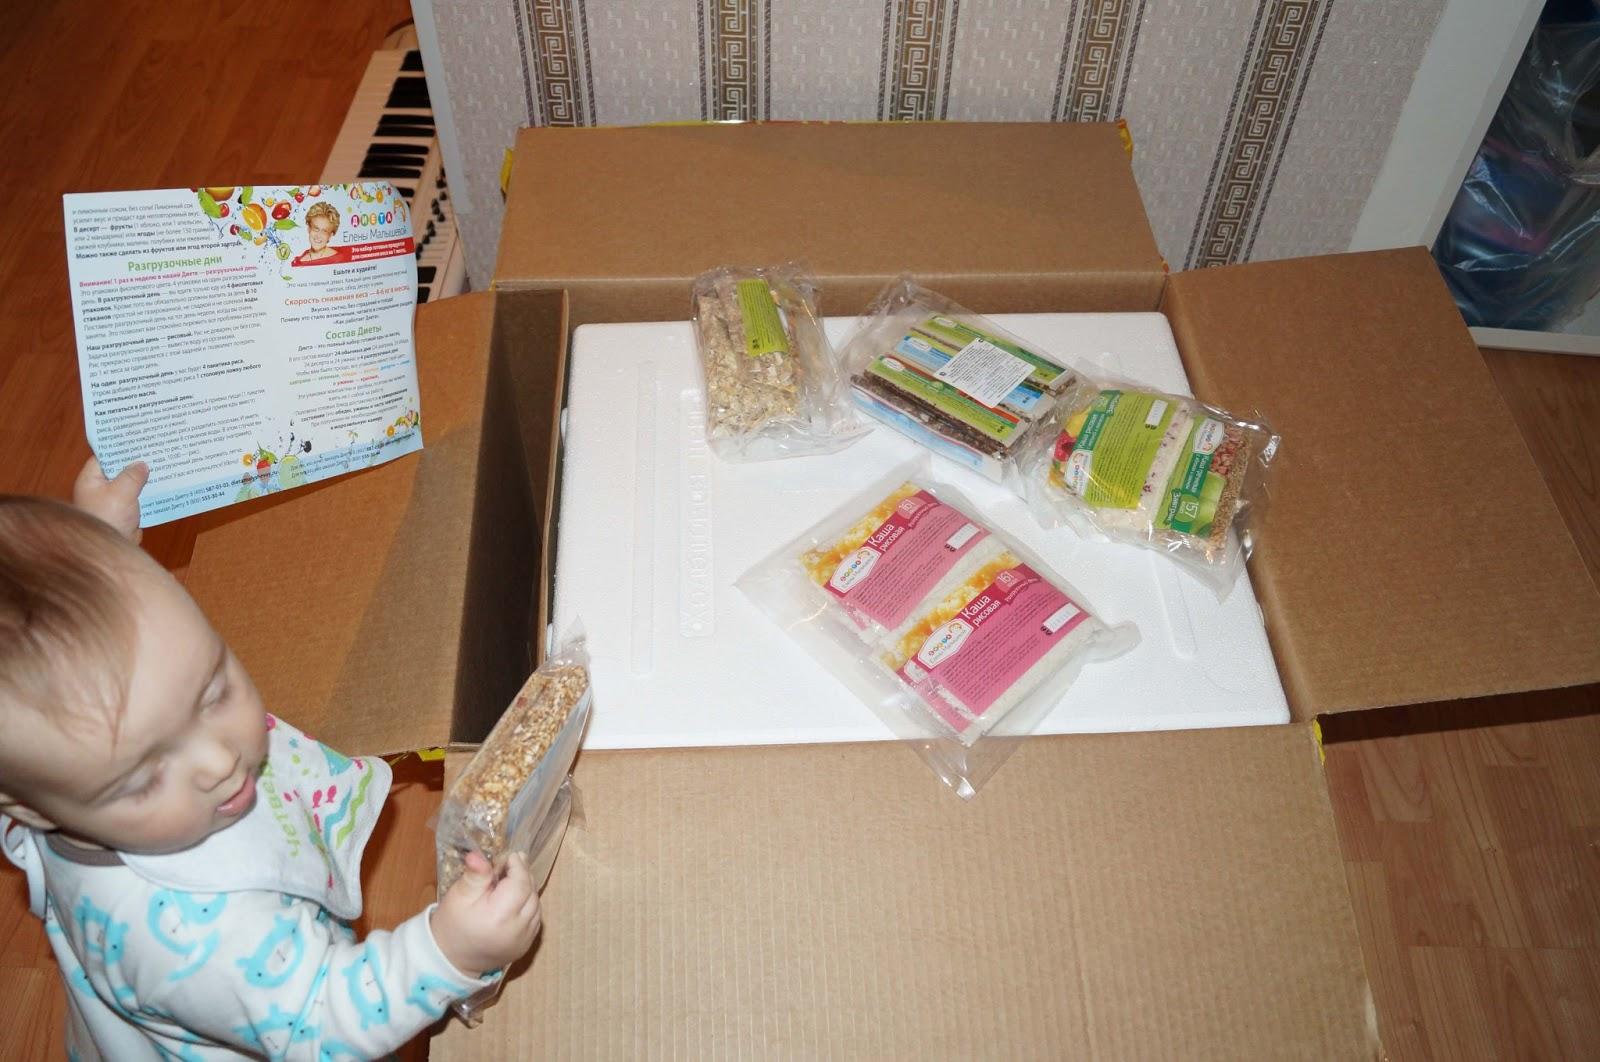 продукты от малышевой для похудения цена недели